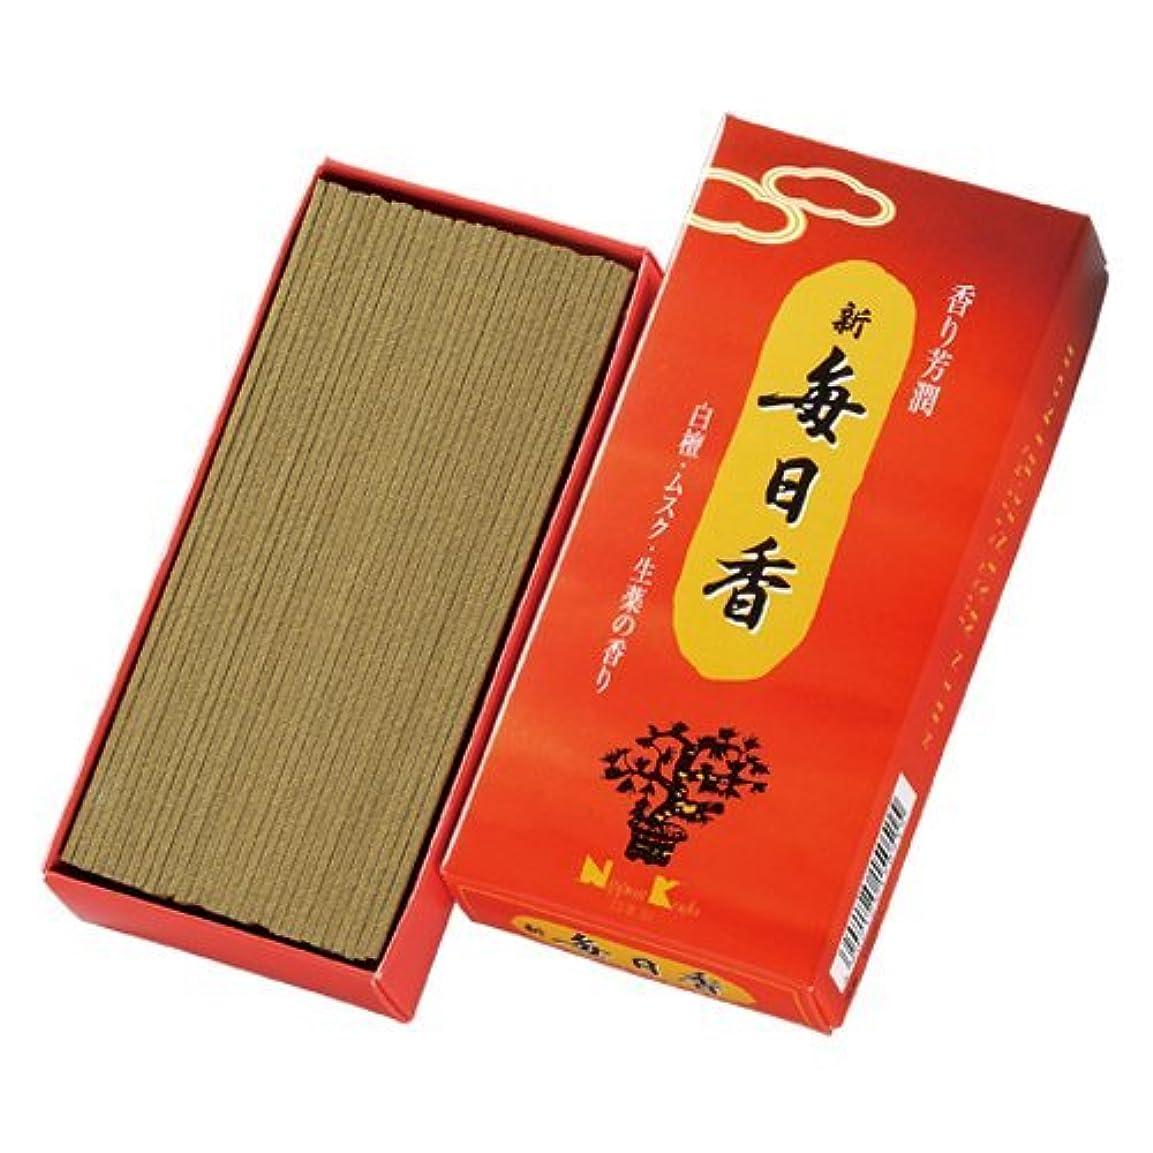 摂動禁止パーセント香り芳潤 新毎日香 90バラ詰